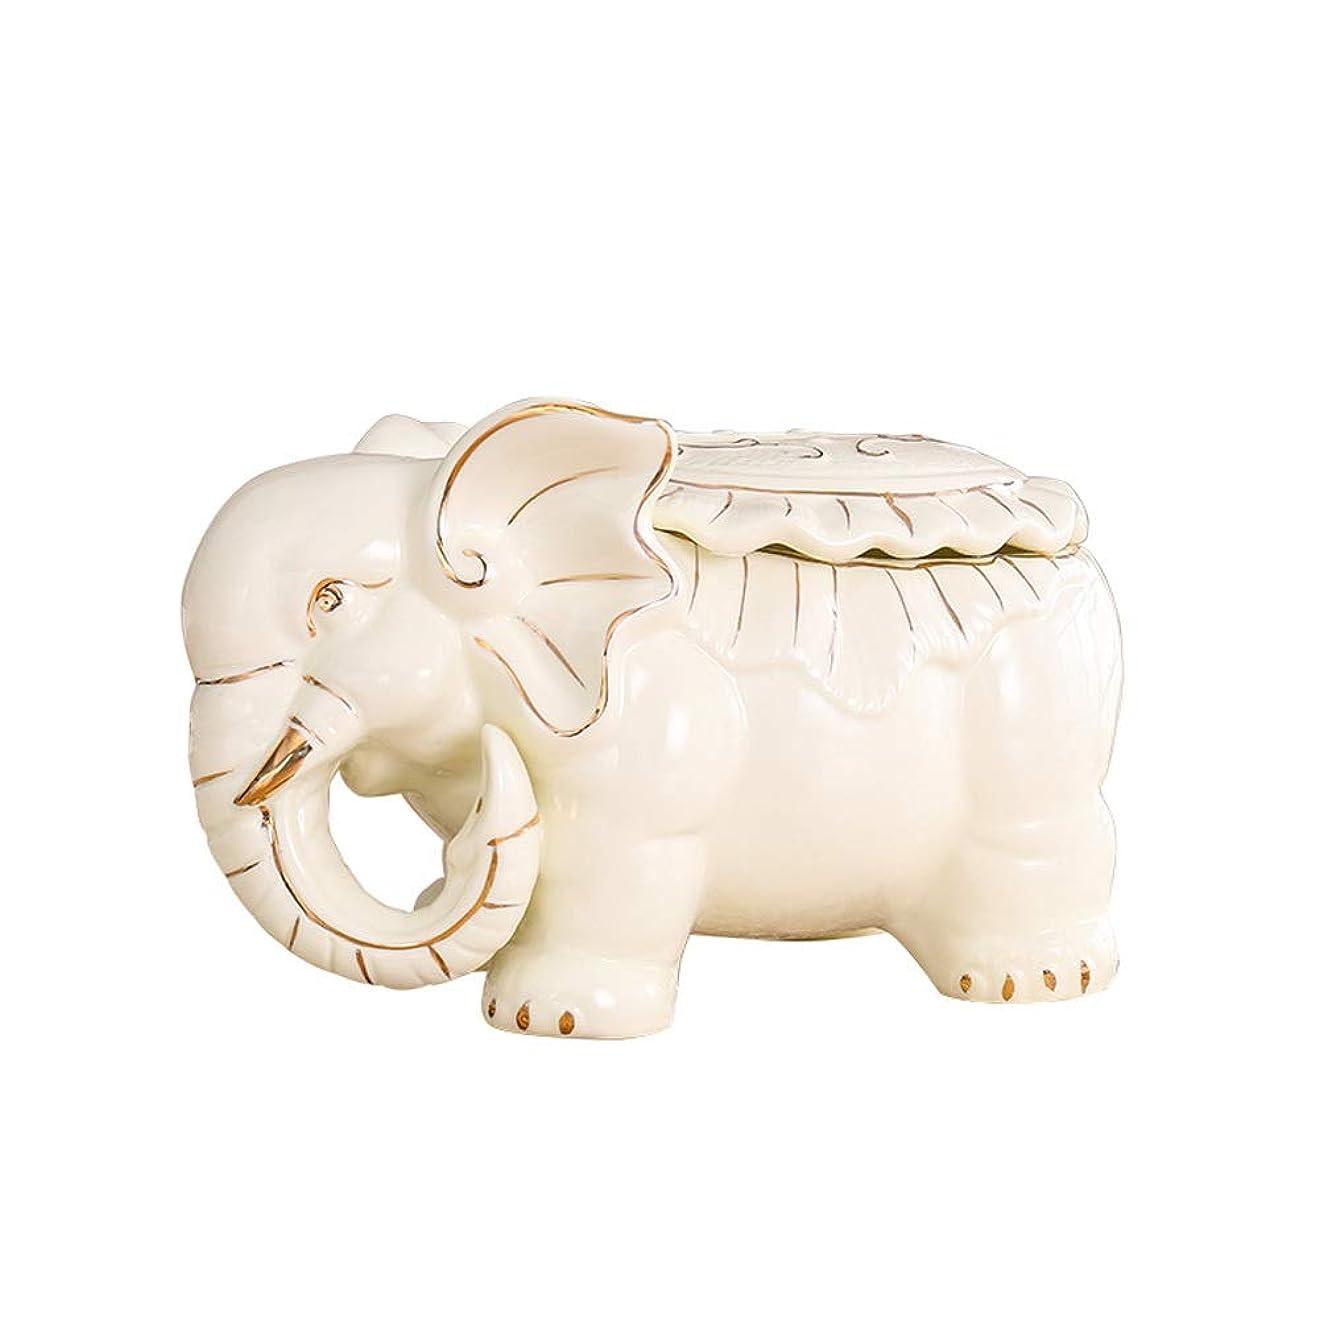 民間アーサー取り壊すLWT-Tissue Box ヨーロッパの現代陶磁器の象のティッシュ箱の皿のテーブルの装飾30.5X16cm